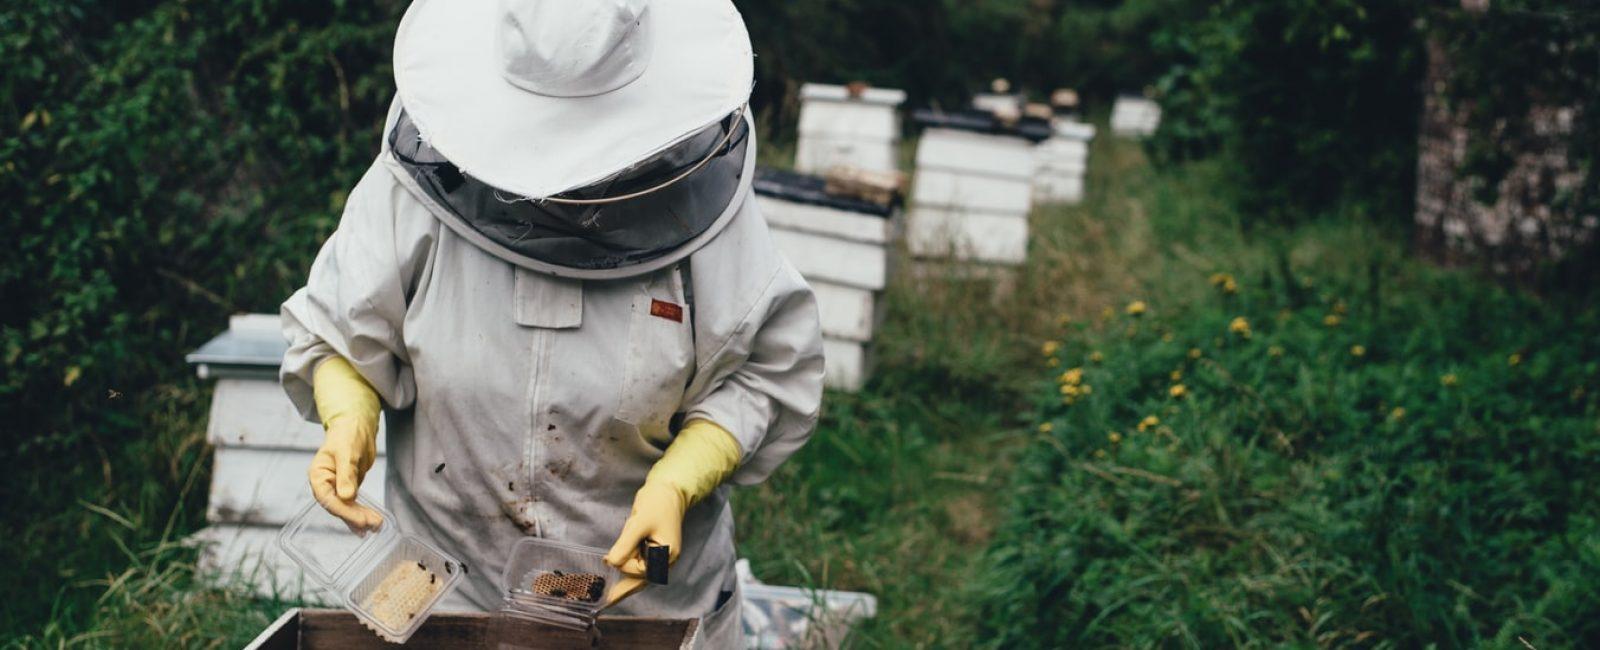 Μελισσοκόμος μαζεύει μέλι